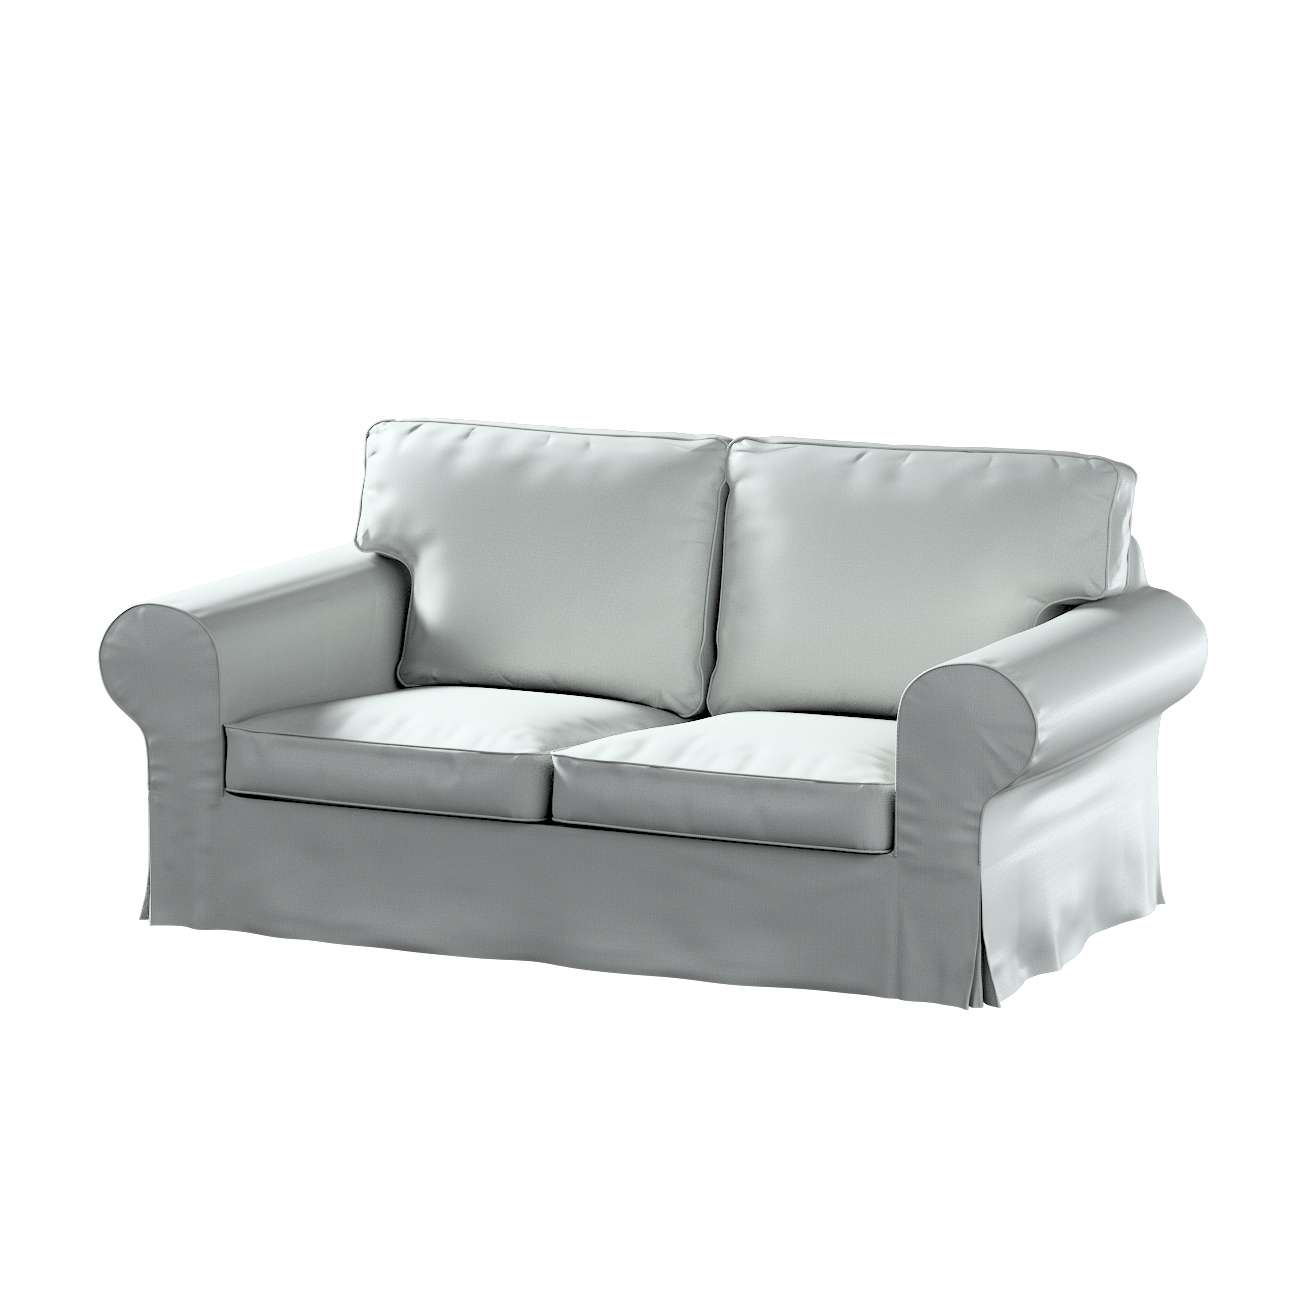 Pokrowiec na sofę Ektorp 2-osobową, rozkładaną, model do 2012 w kolekcji Bergen, tkanina: 161-72